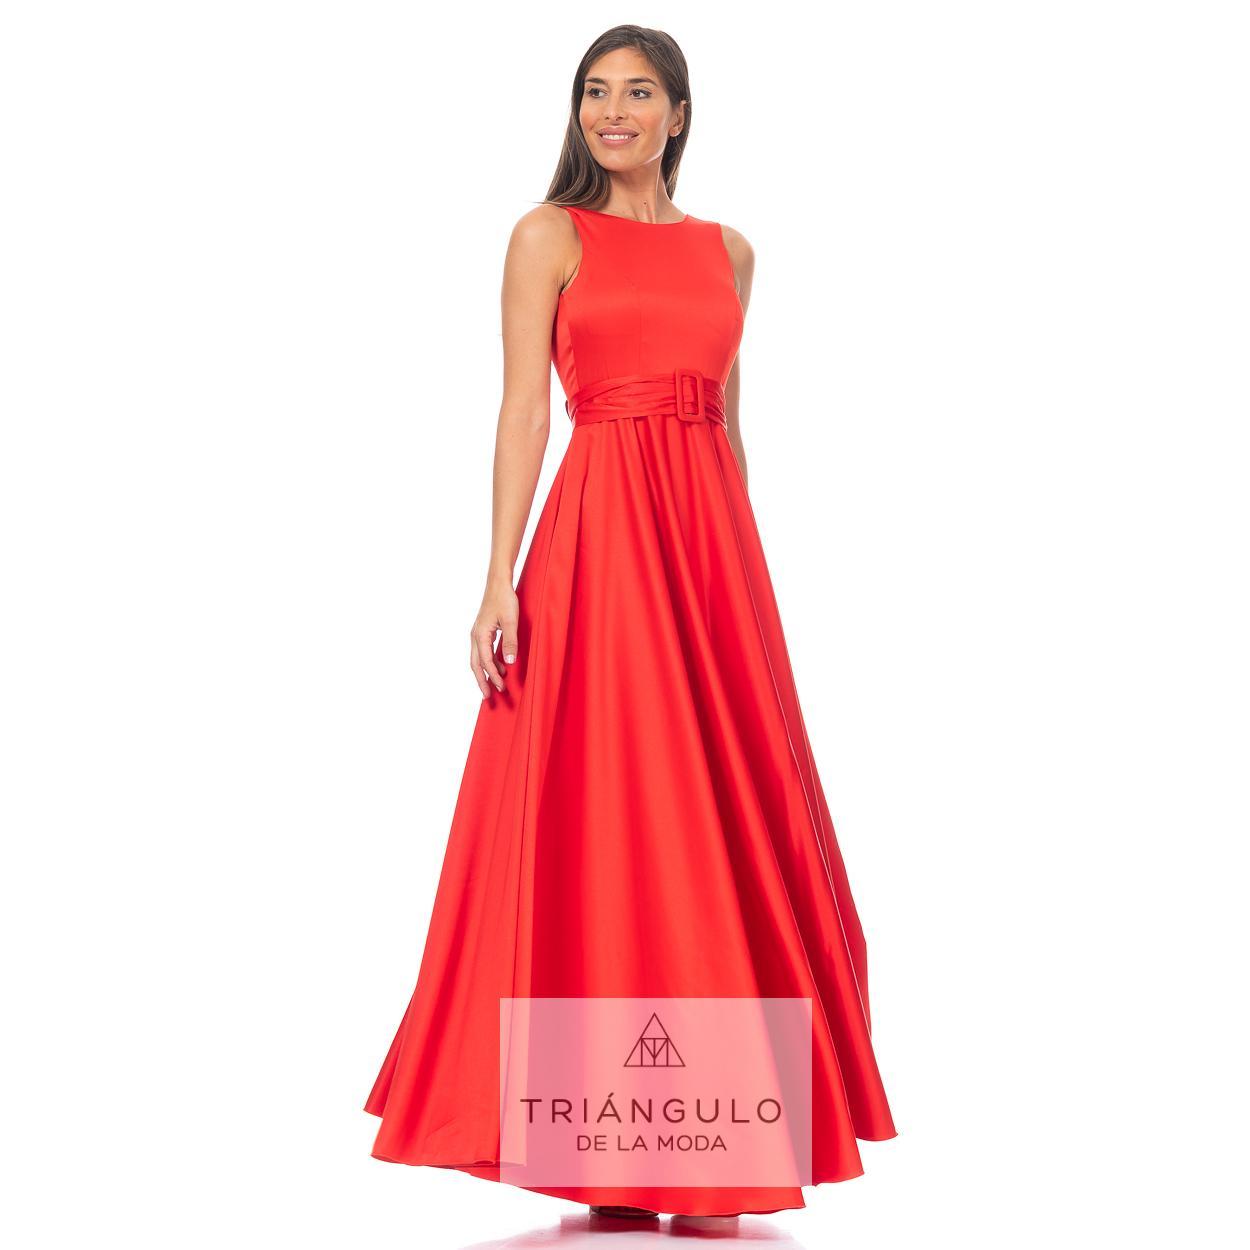 Tienda online del Triangulo de la Moda VESTIDO LARGO DE RASO